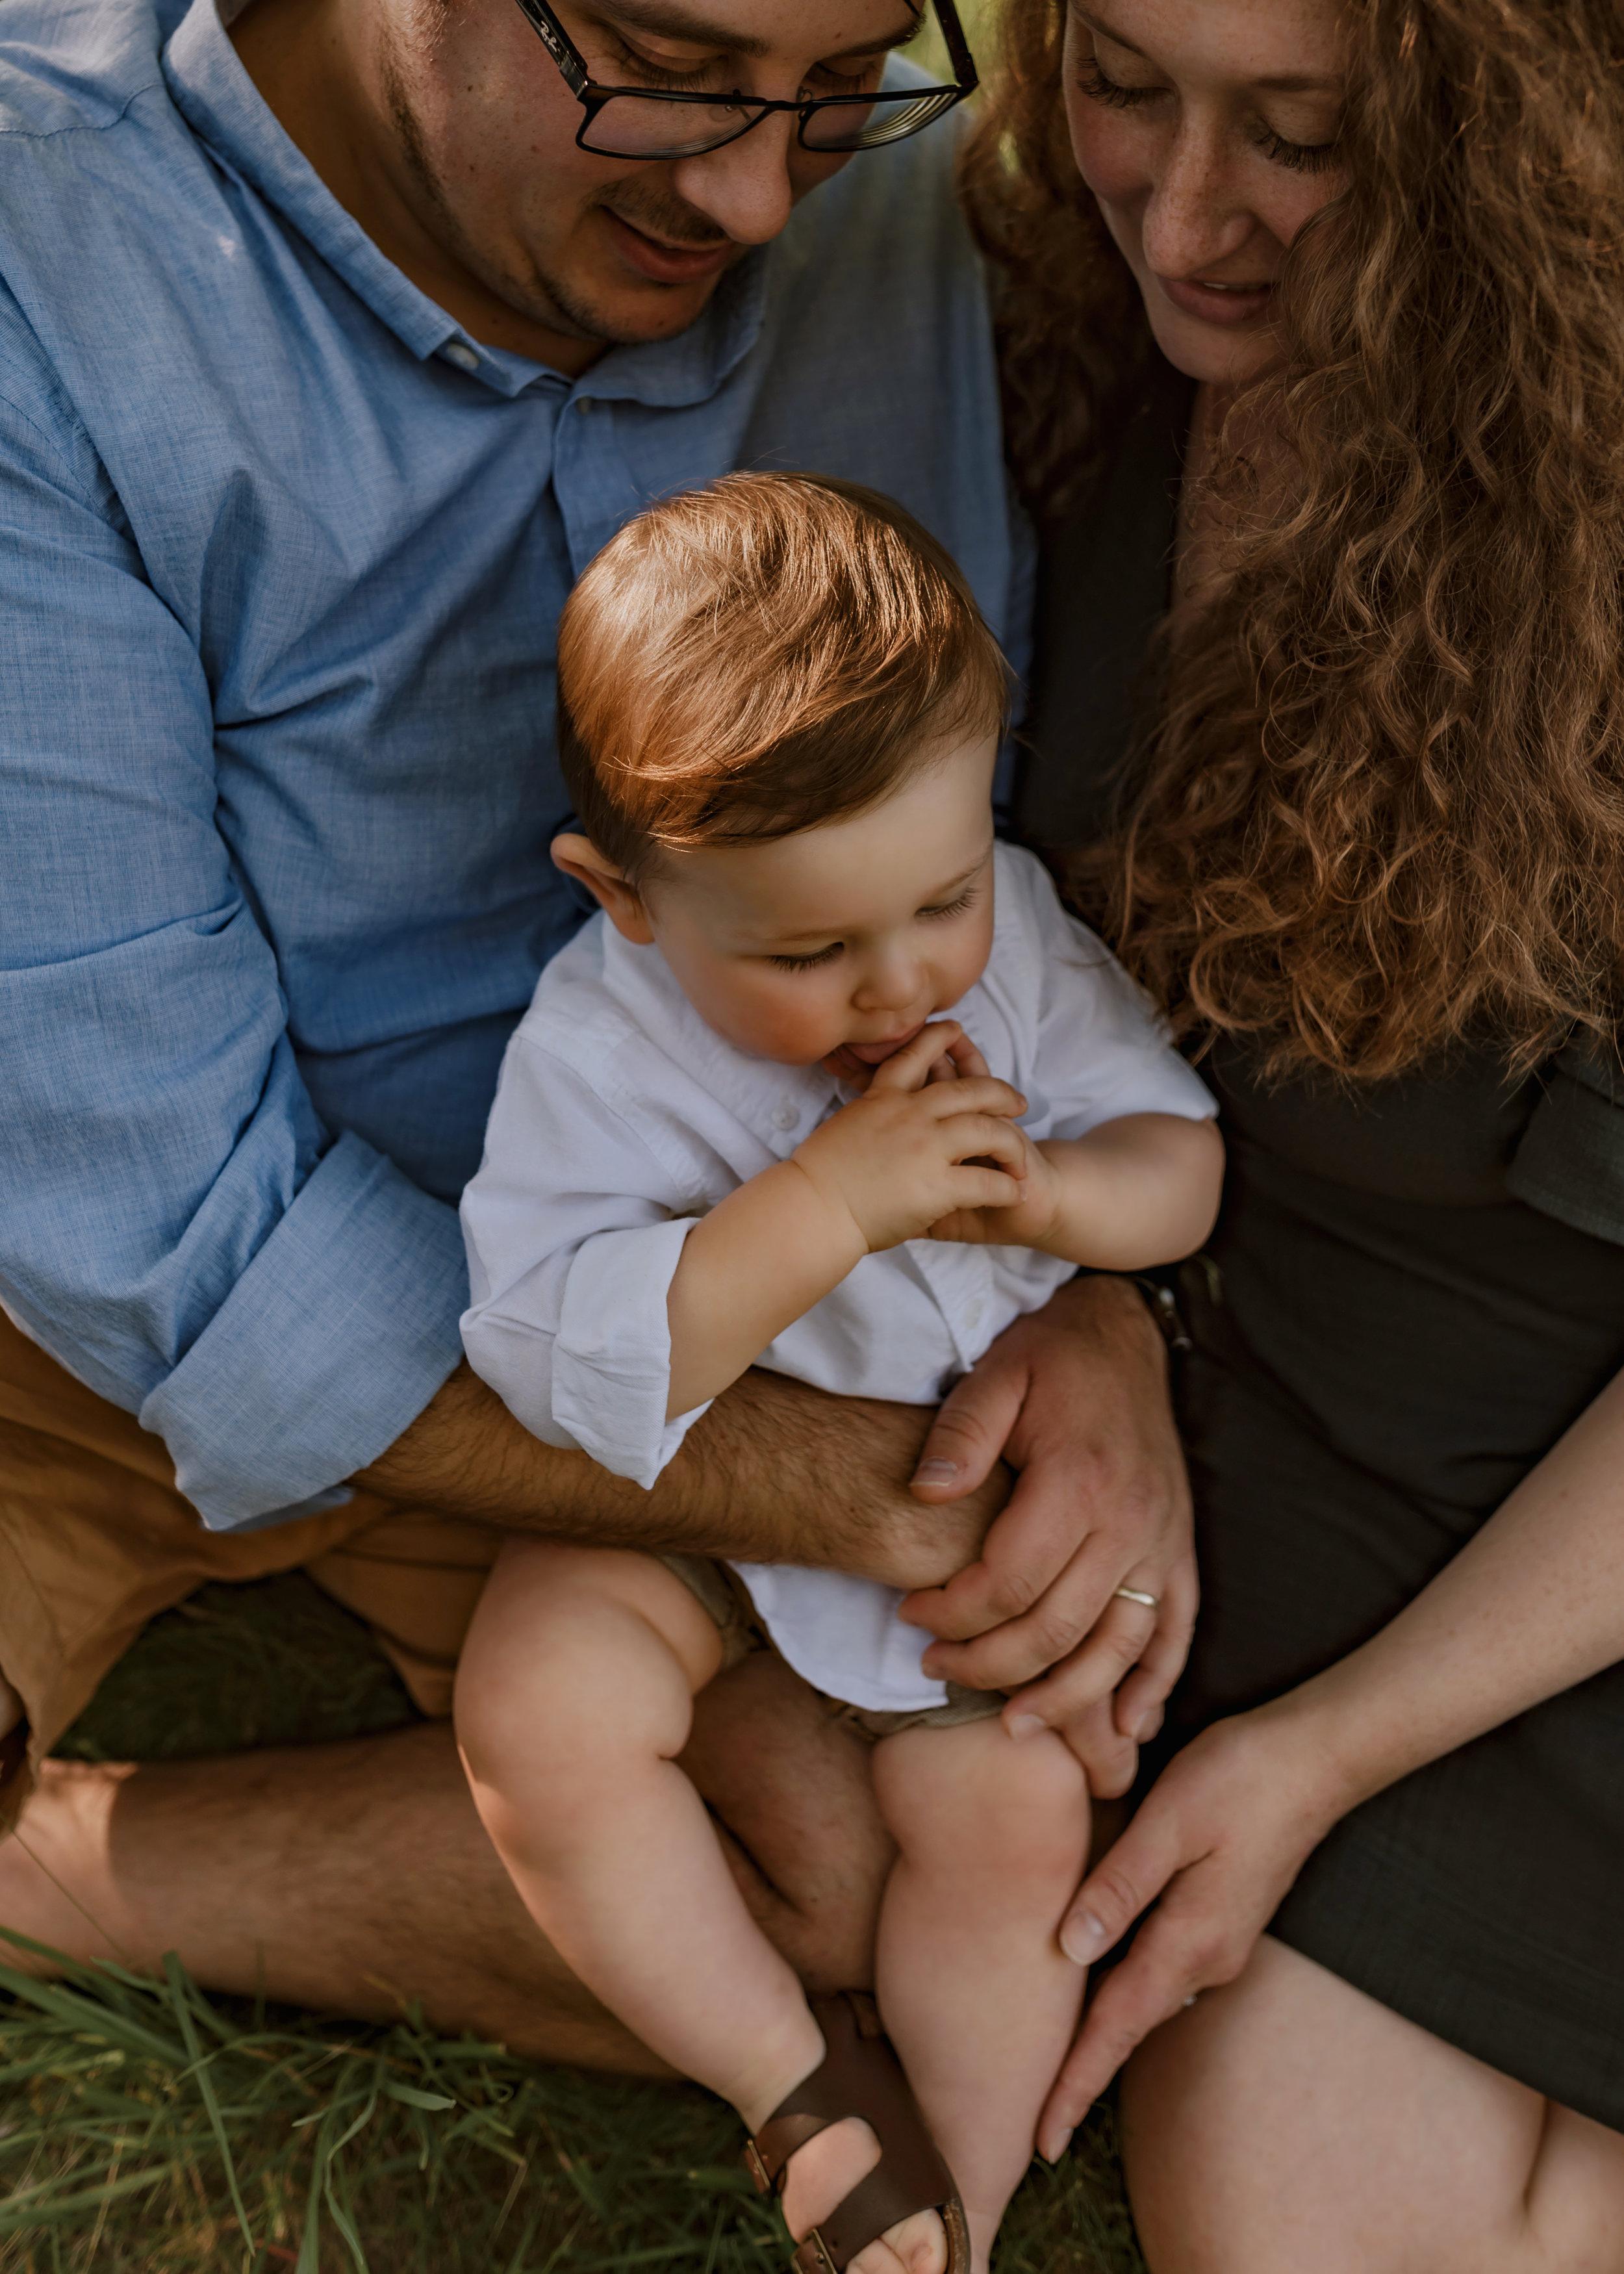 South Shore Massachusetts Family Photographer